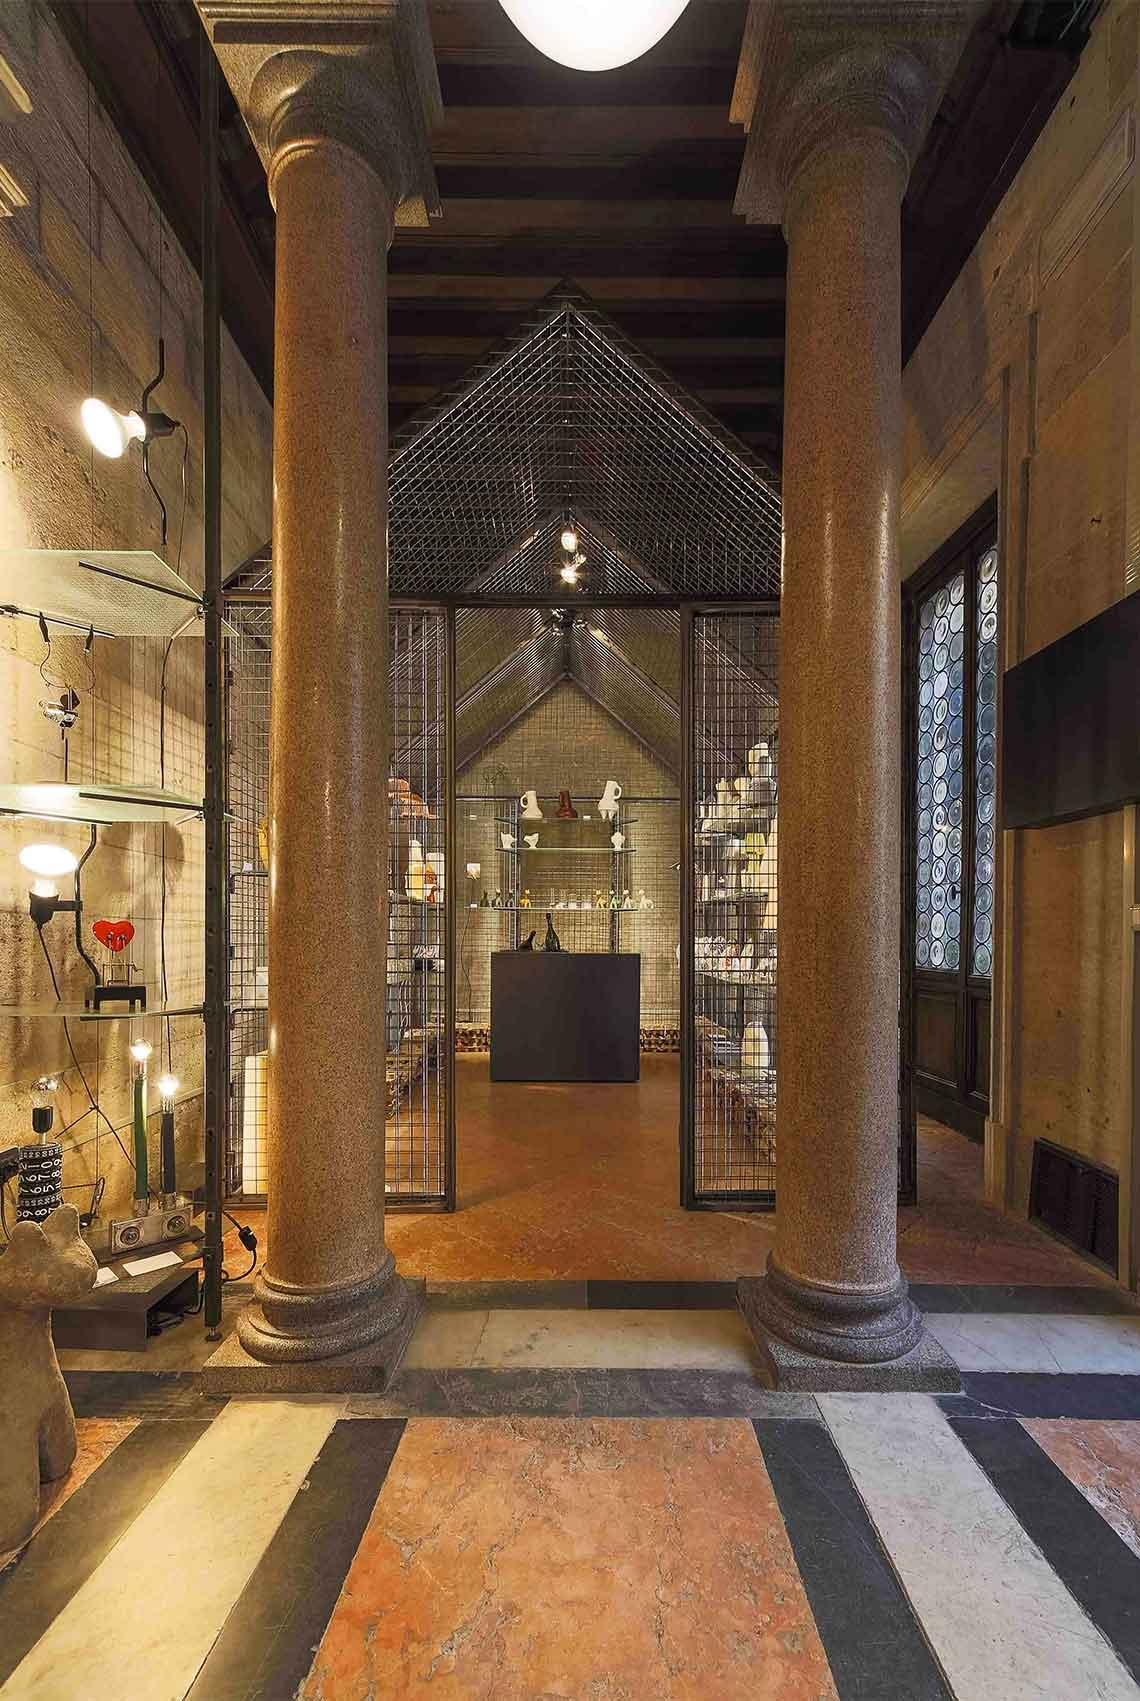 Design shop bagatti valsecchi museum milano 2013 by cls for Milano design shop